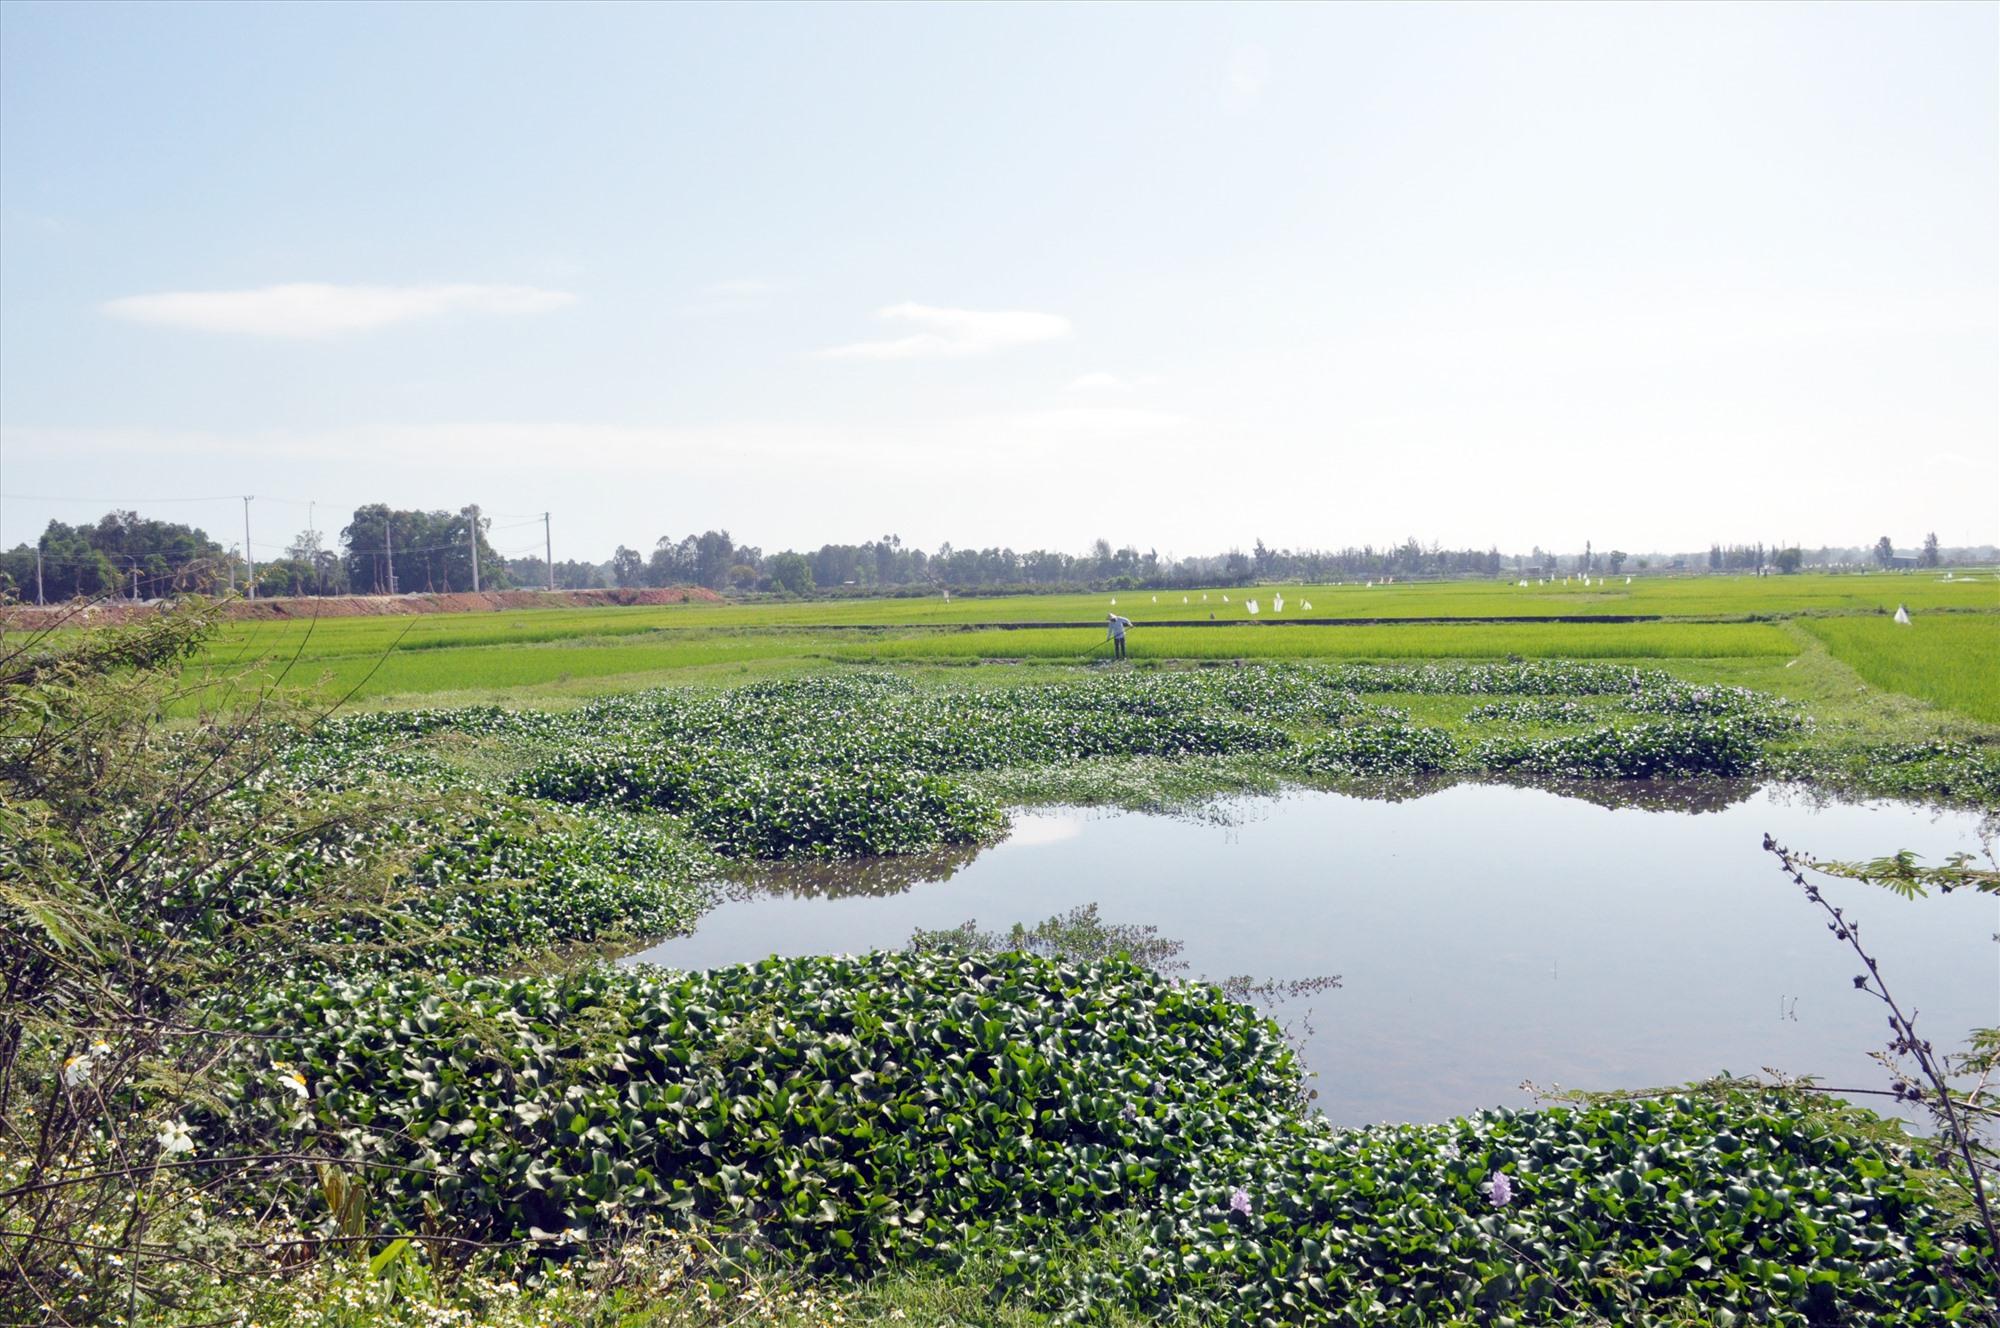 Diện tích ruộng của các hộ dân nằm ngay miệng hệ thống cống thoát nước nên bị ngập úng không thể sản xuất. Ảnh: N.Đ